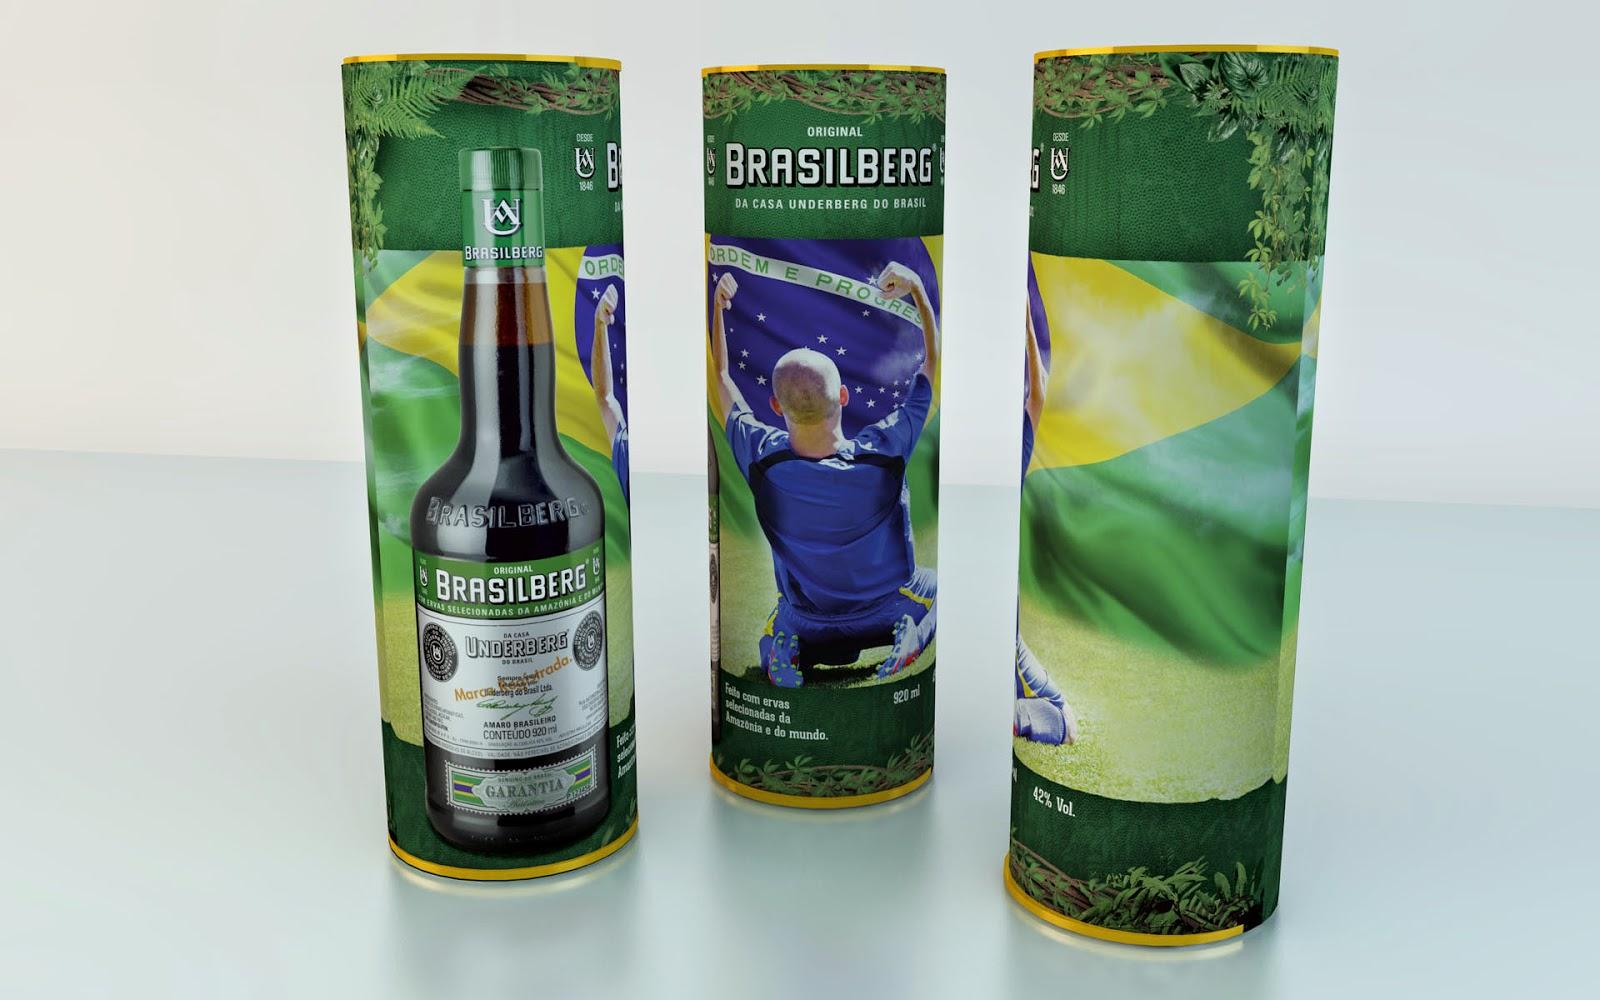 Brasilberg ganha embalagem em homenagem à Copa